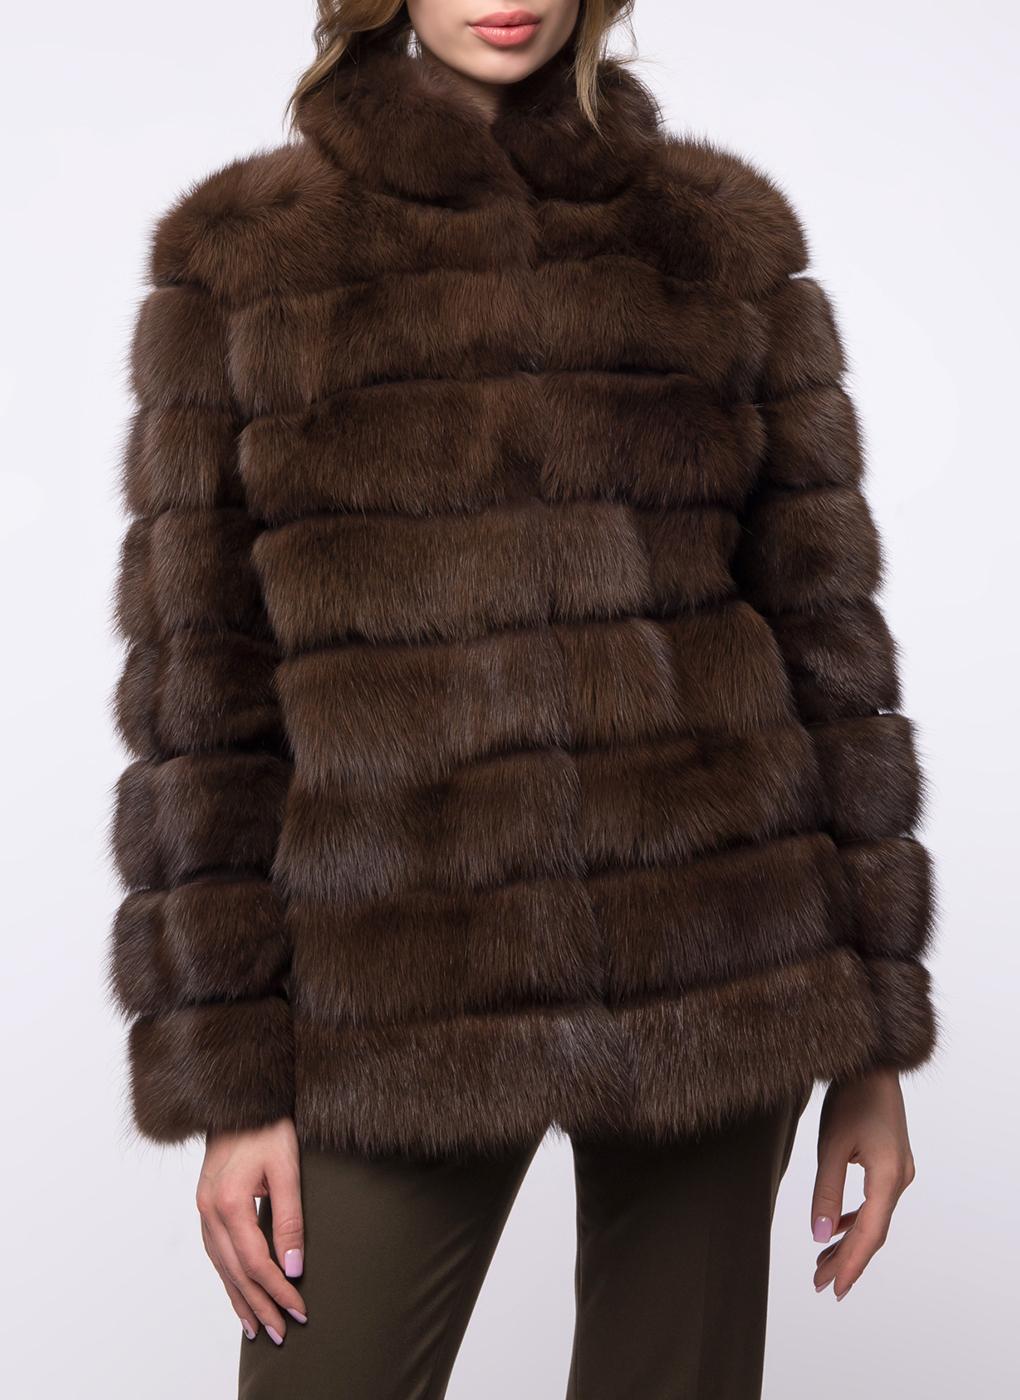 Куртка из куницы Джульетта 1 01, Олимп фото